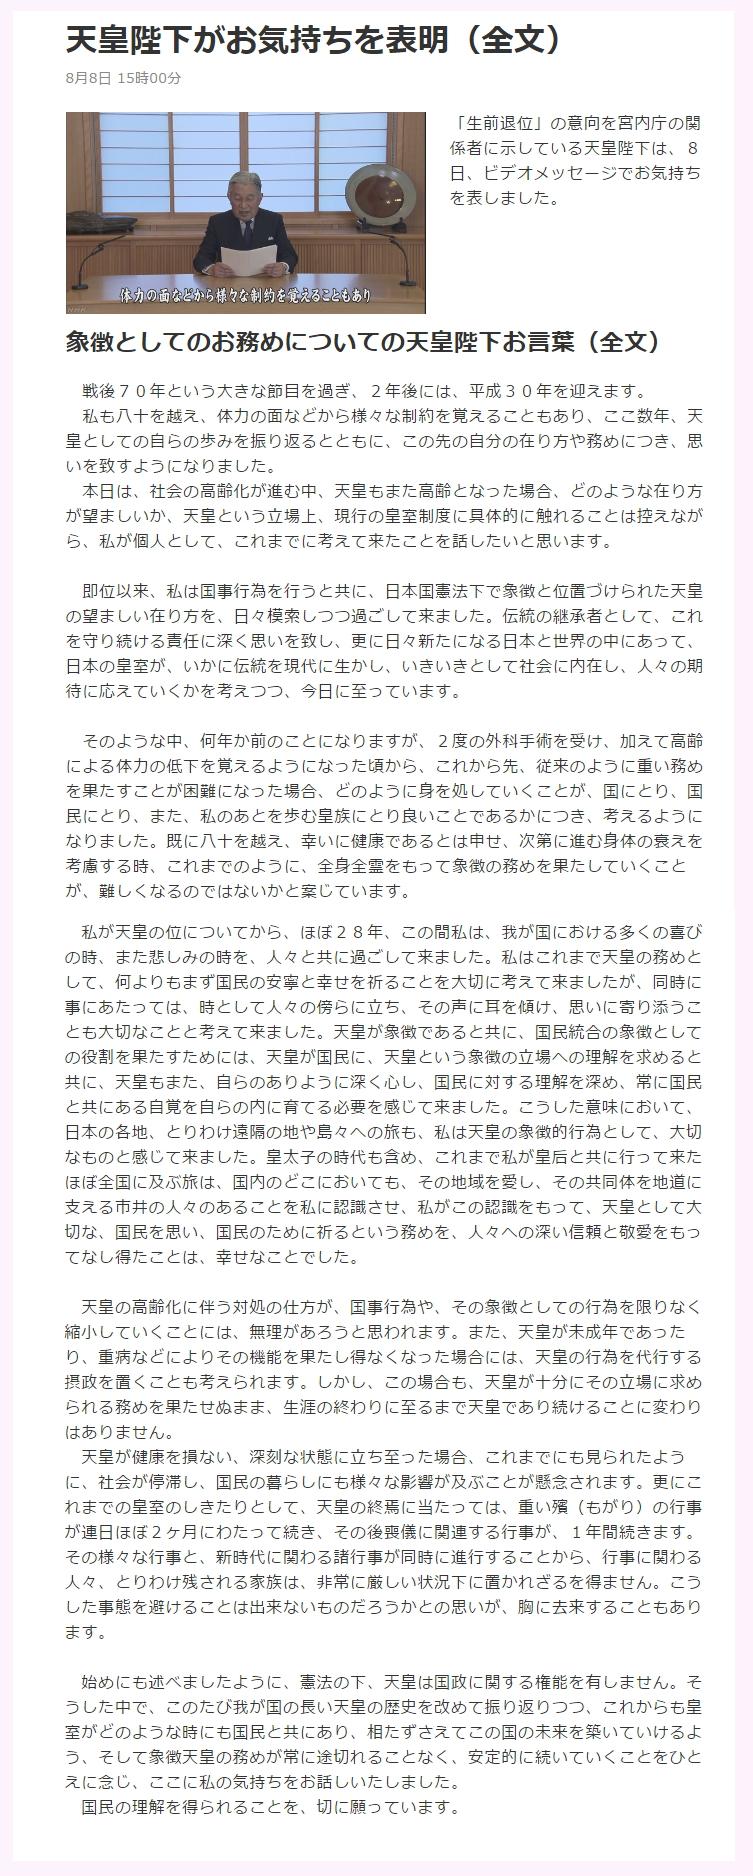 20160808天皇様メッセージ